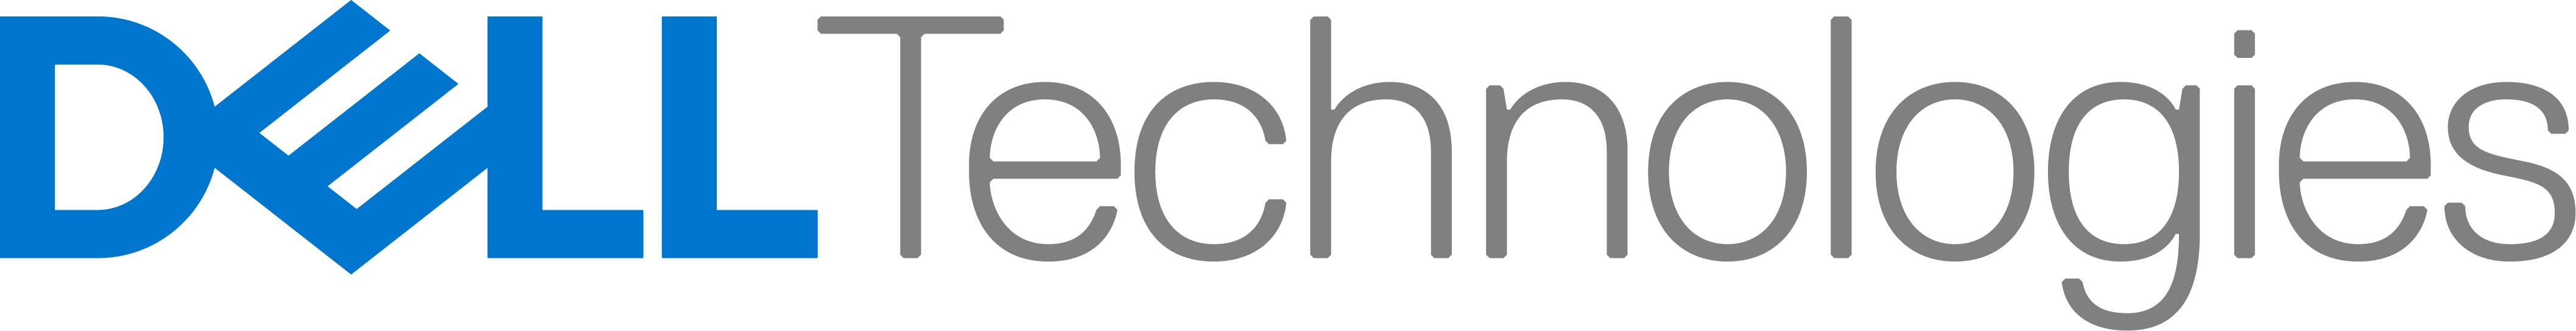 DellTech_Logo_Prm_Blue_Gry_rgb